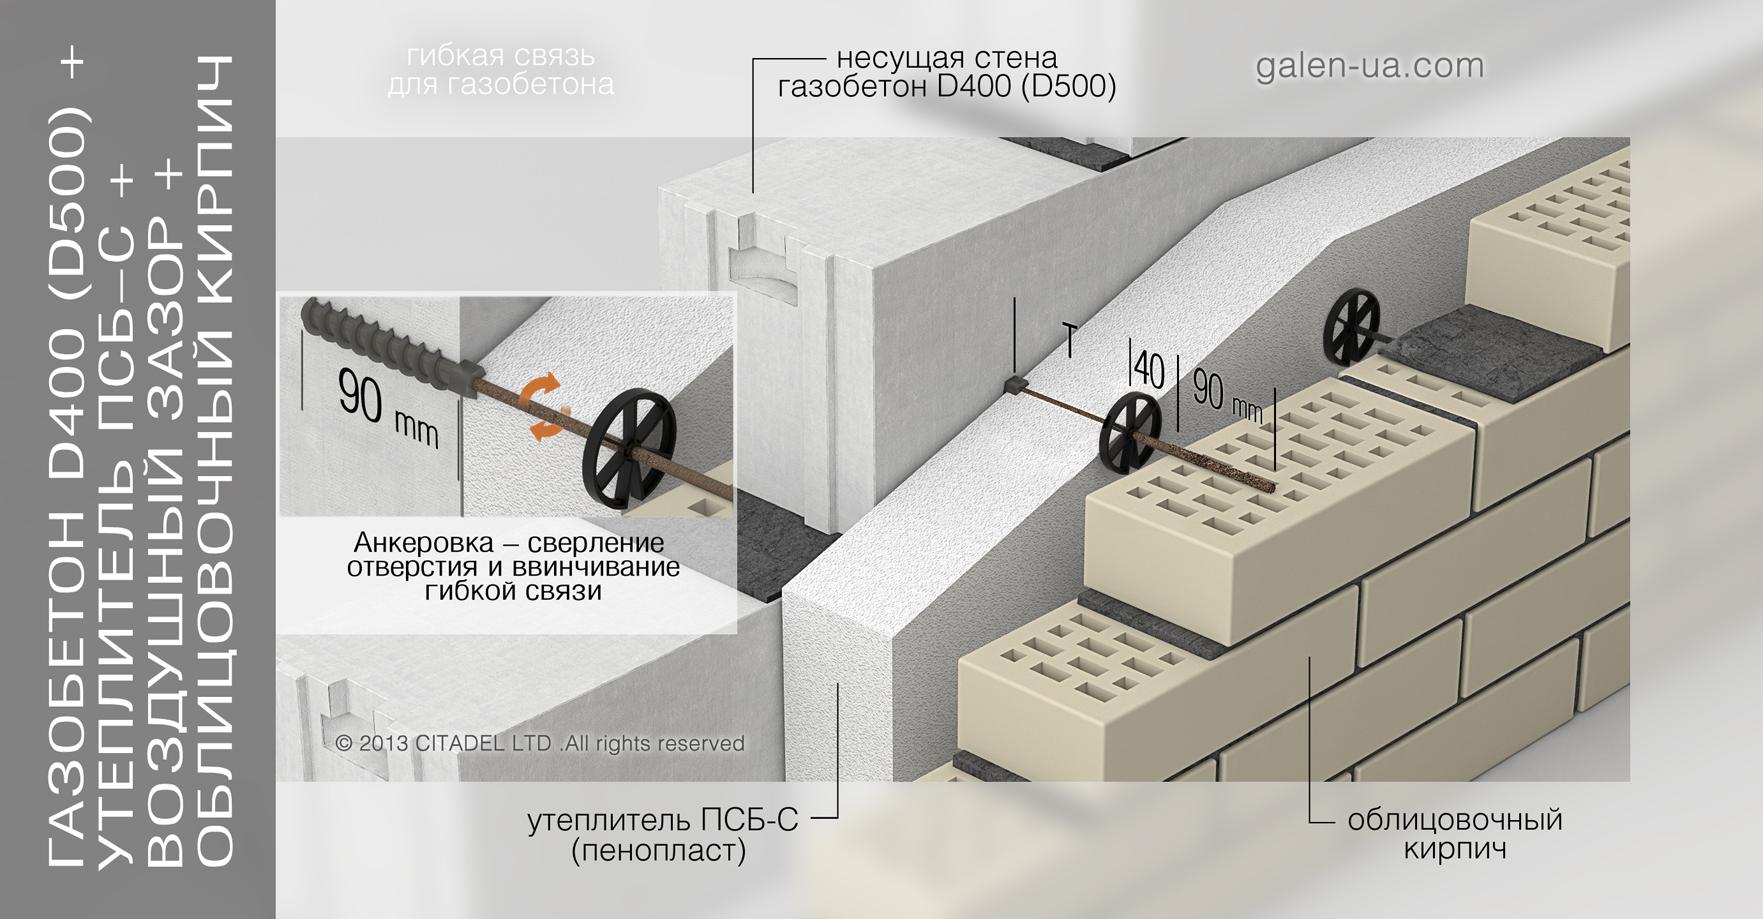 Гибкая связь для газобетона: Газобетон D400 (D500) + Утеплитель ПСБ-С + Воздушный зазор + Облицовочный кирпич